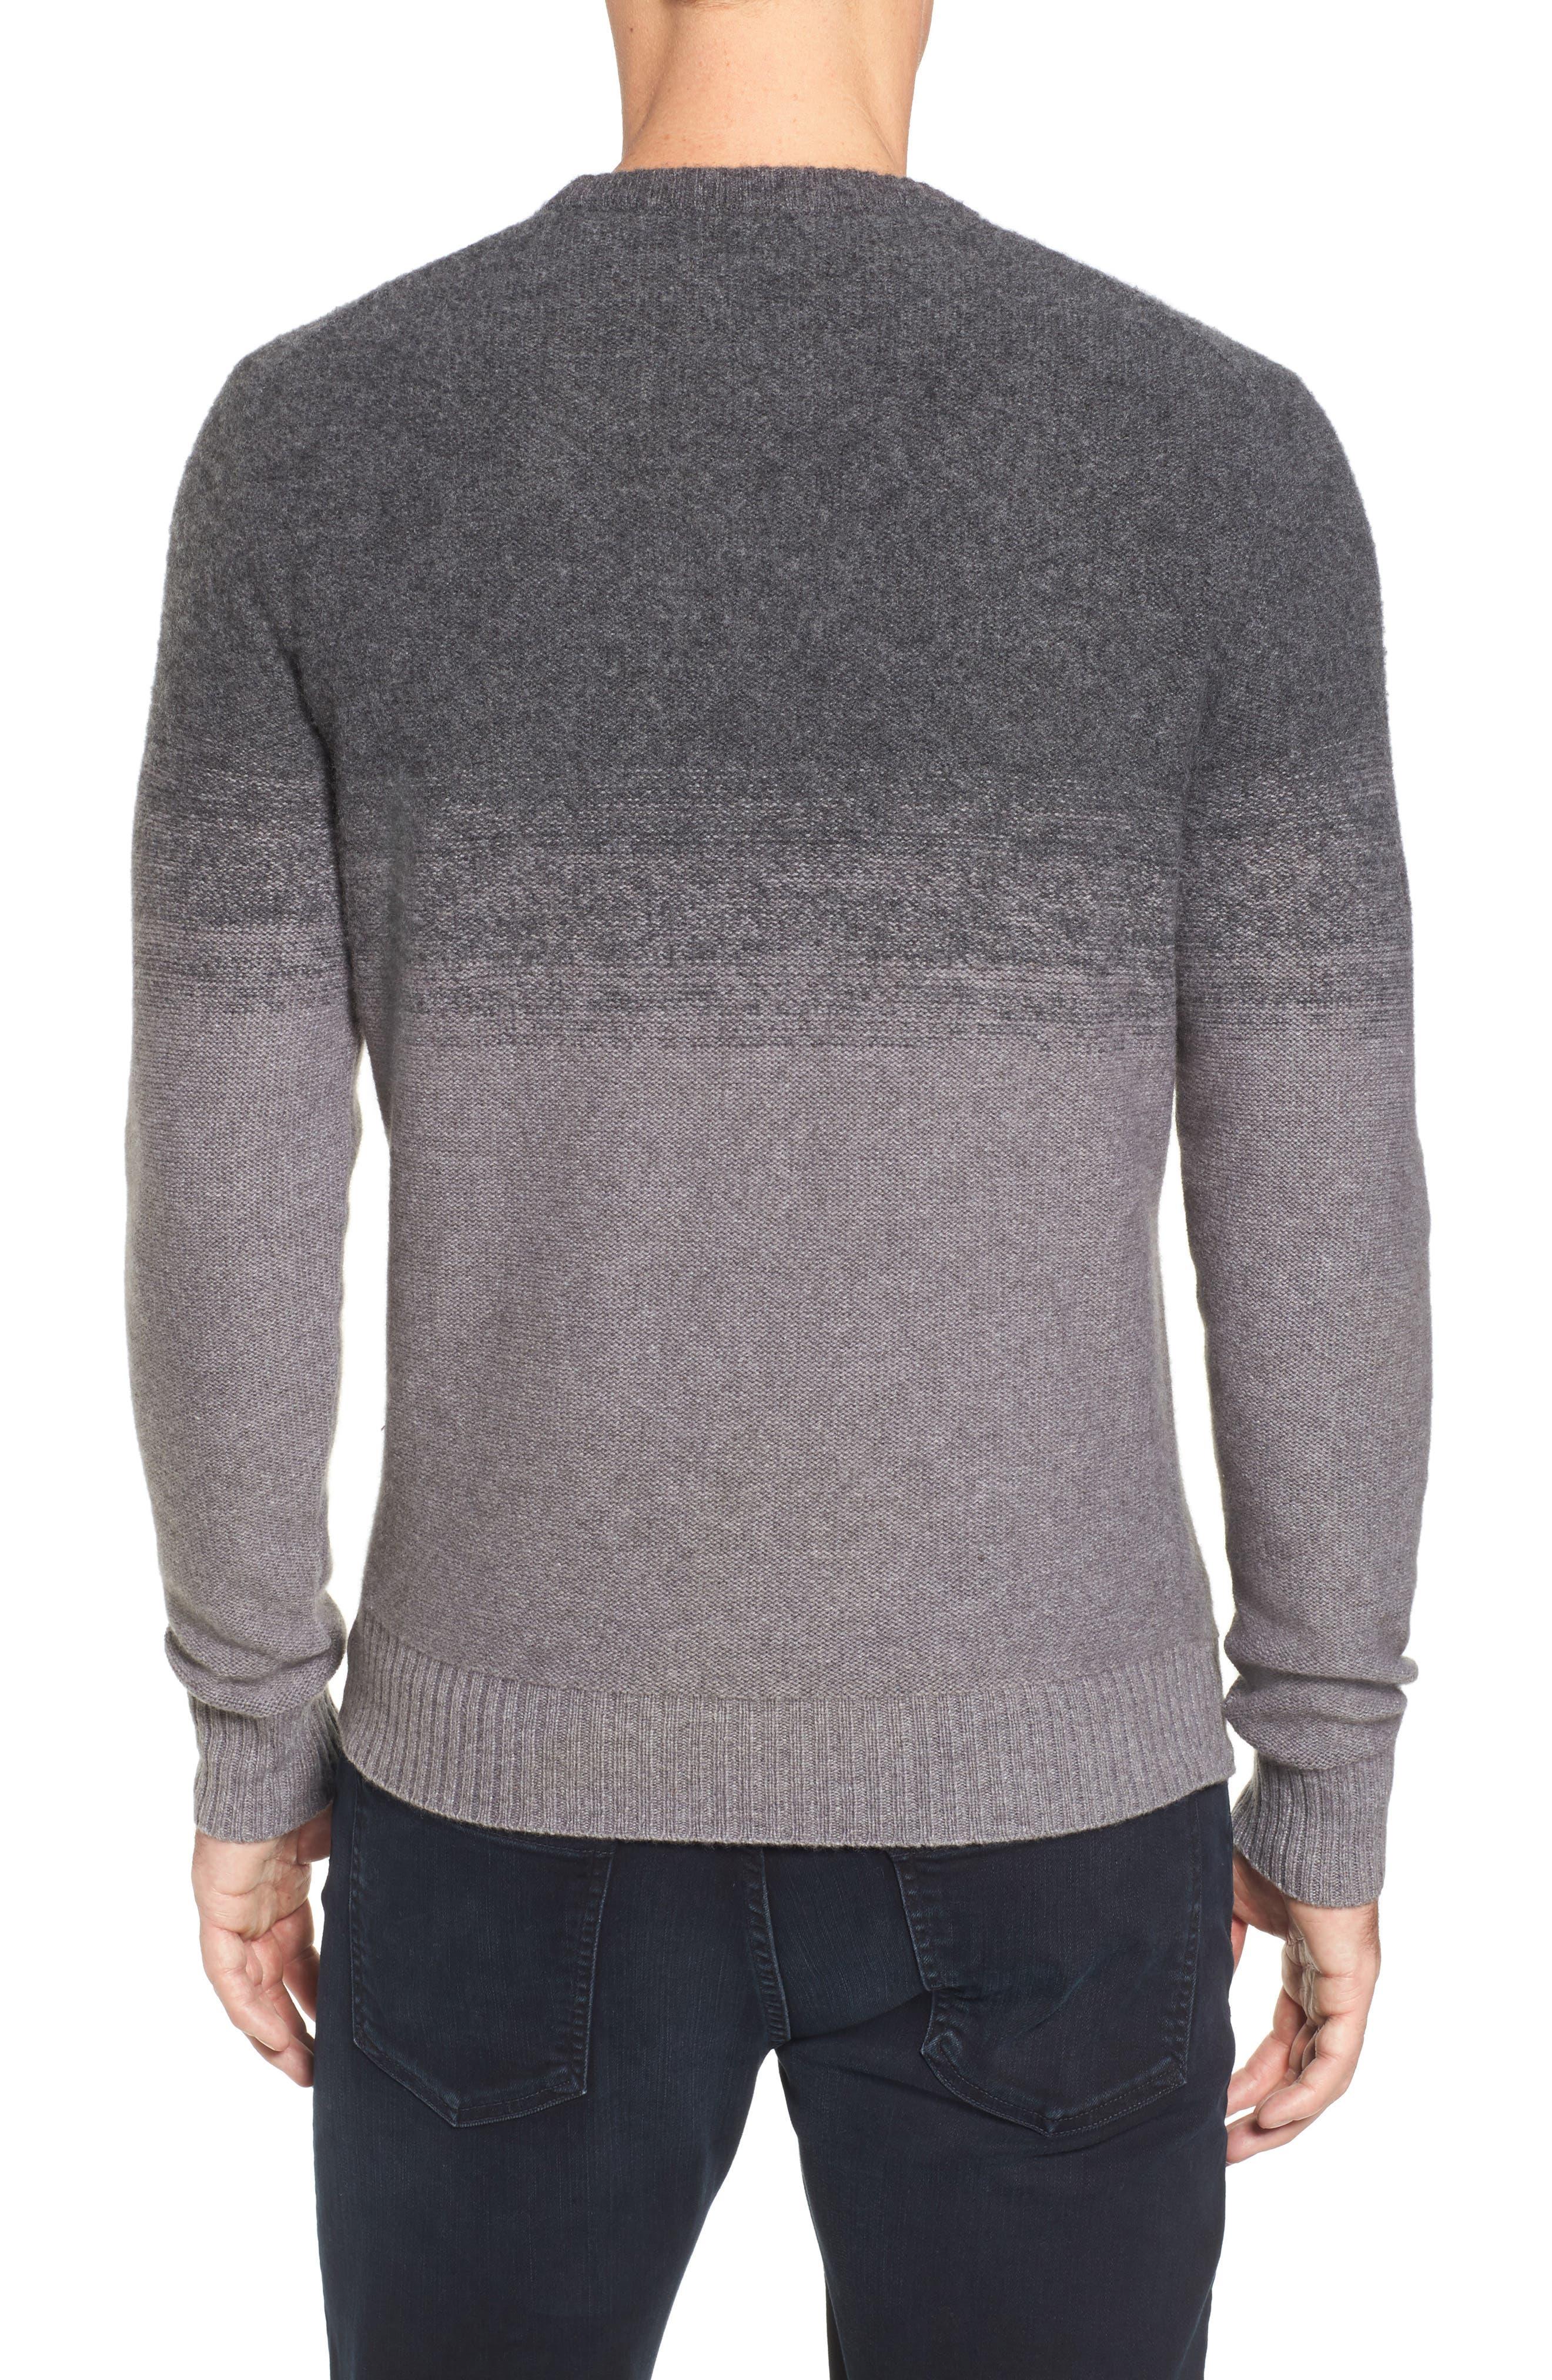 Monte Rosse Ombré Cashmere Sweater,                             Alternate thumbnail 2, color,                             030